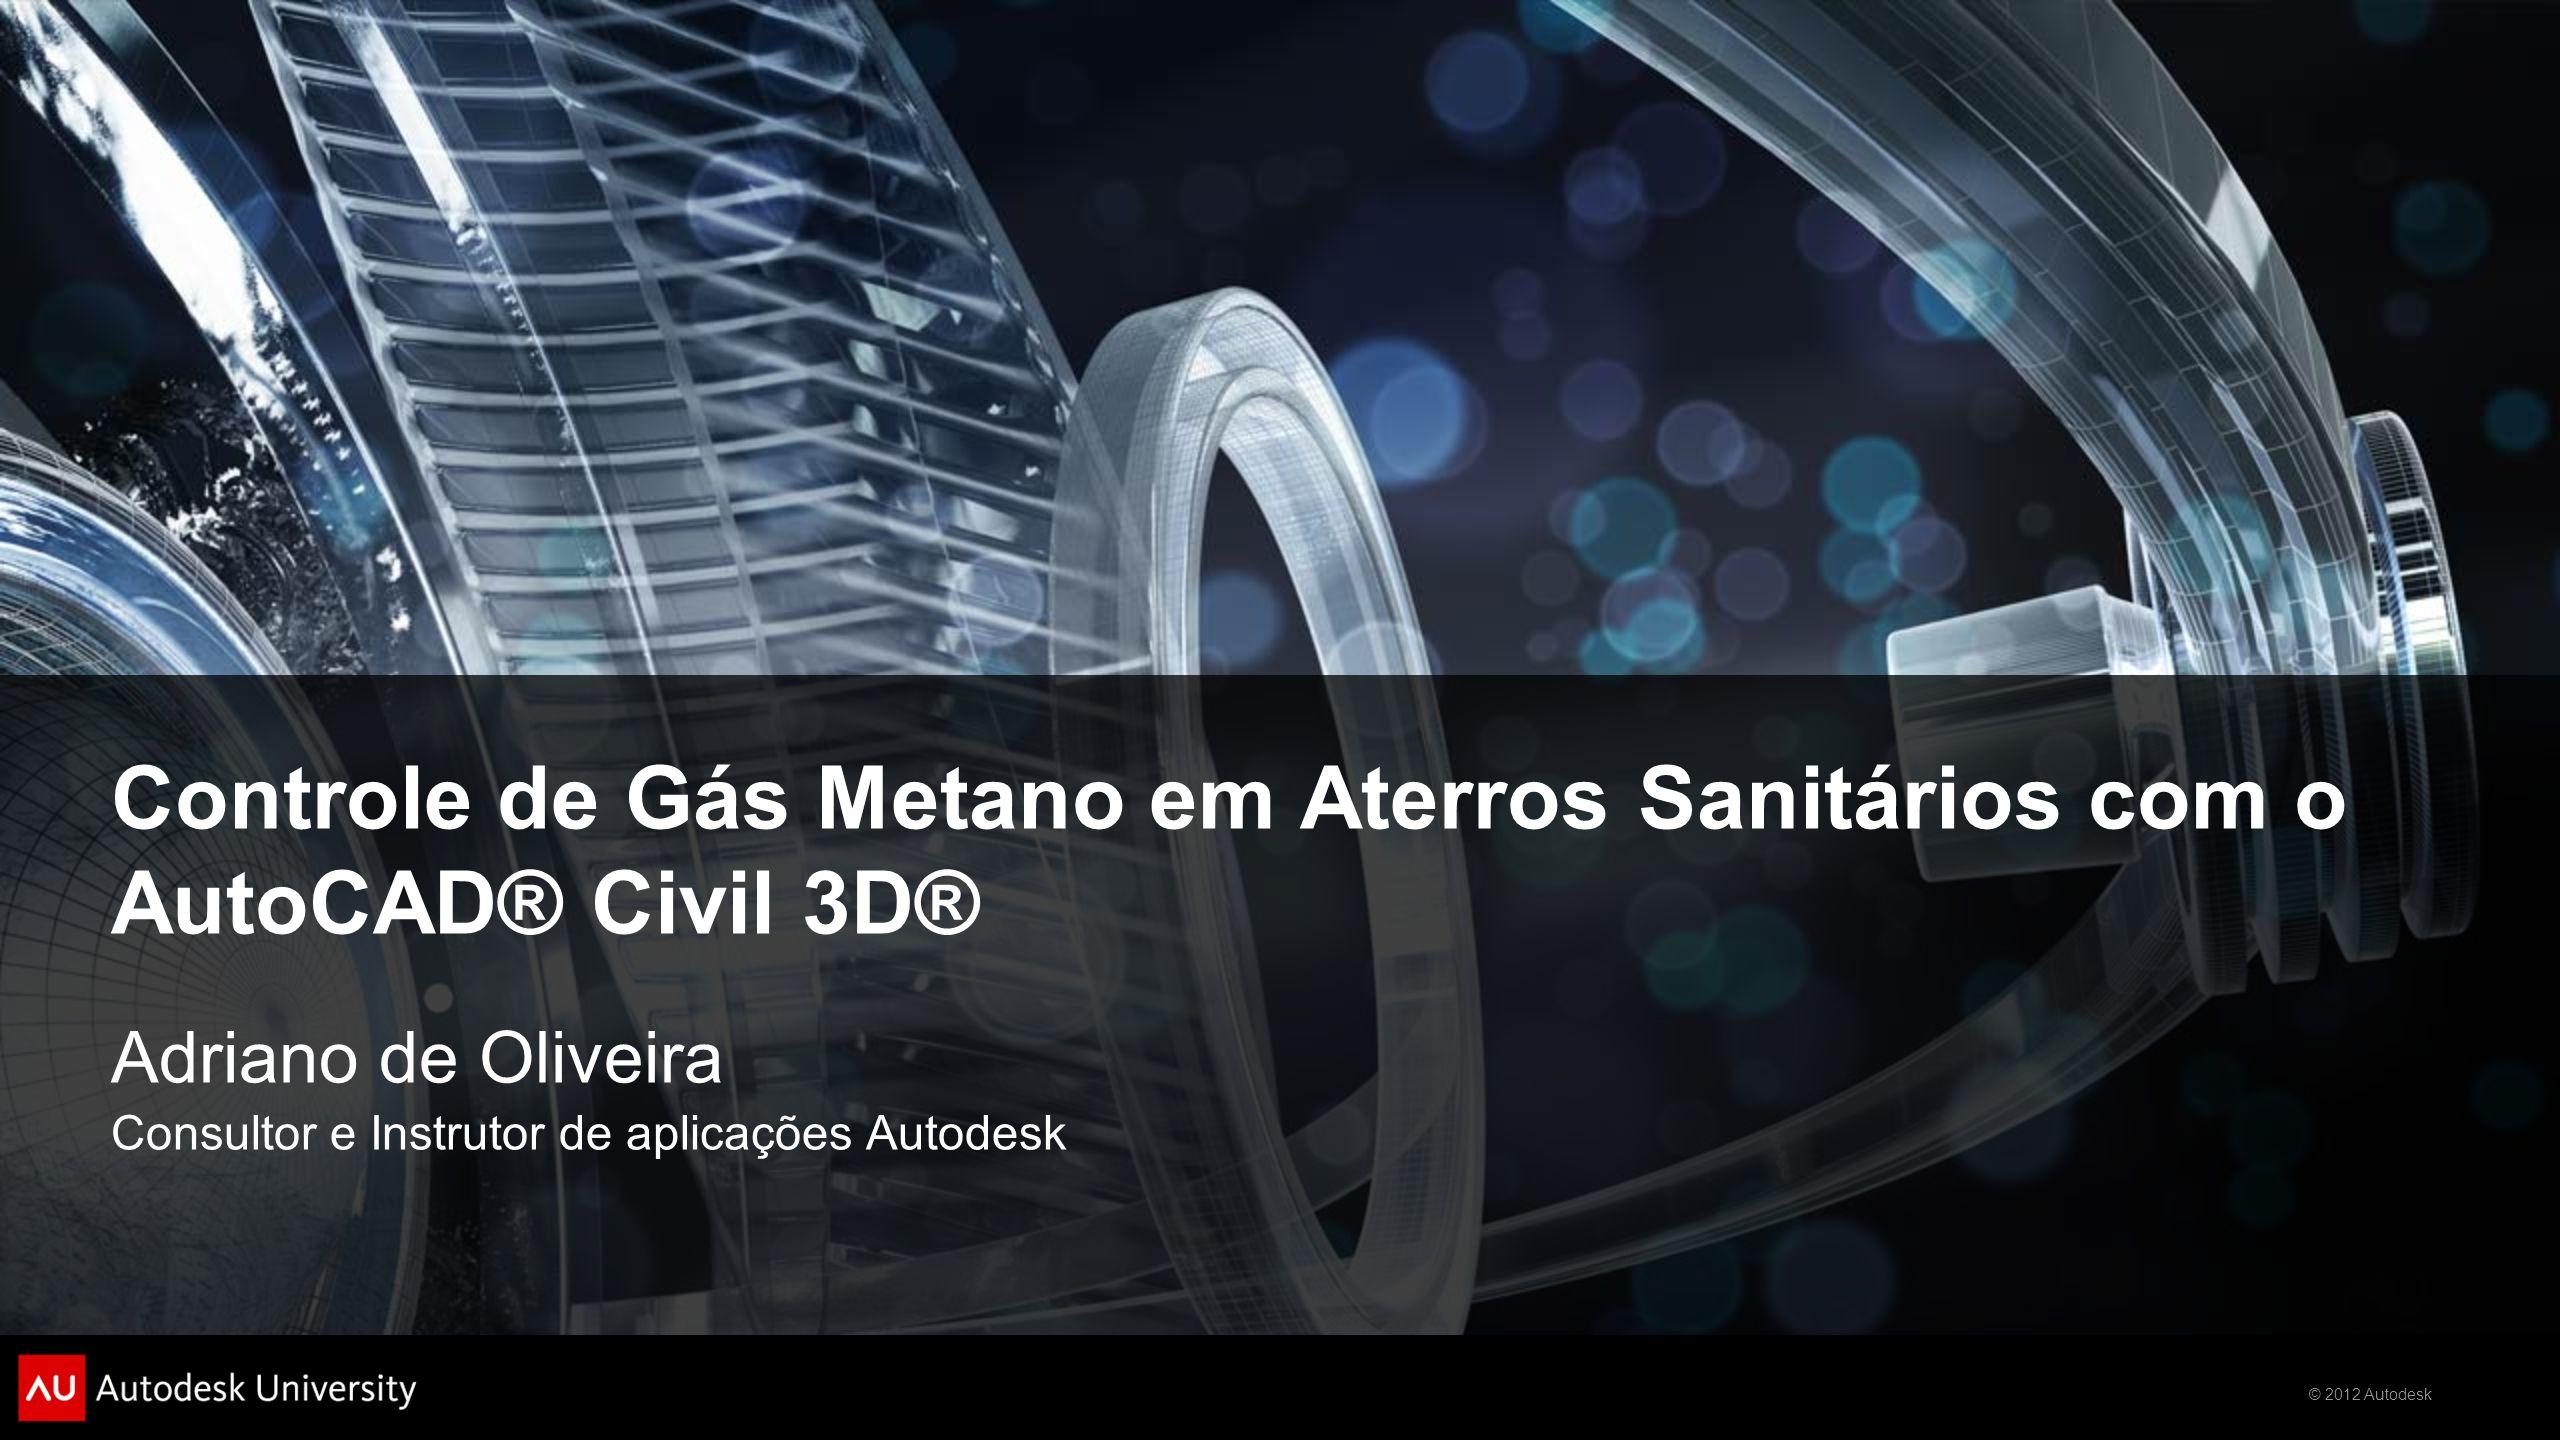 © 2012 Autodesk Controle de Gás Metano em Aterros Sanitários com o AutoCAD® Civil 3D® Adriano de Oliveira Consultor e Instrutor de aplicações Autodesk